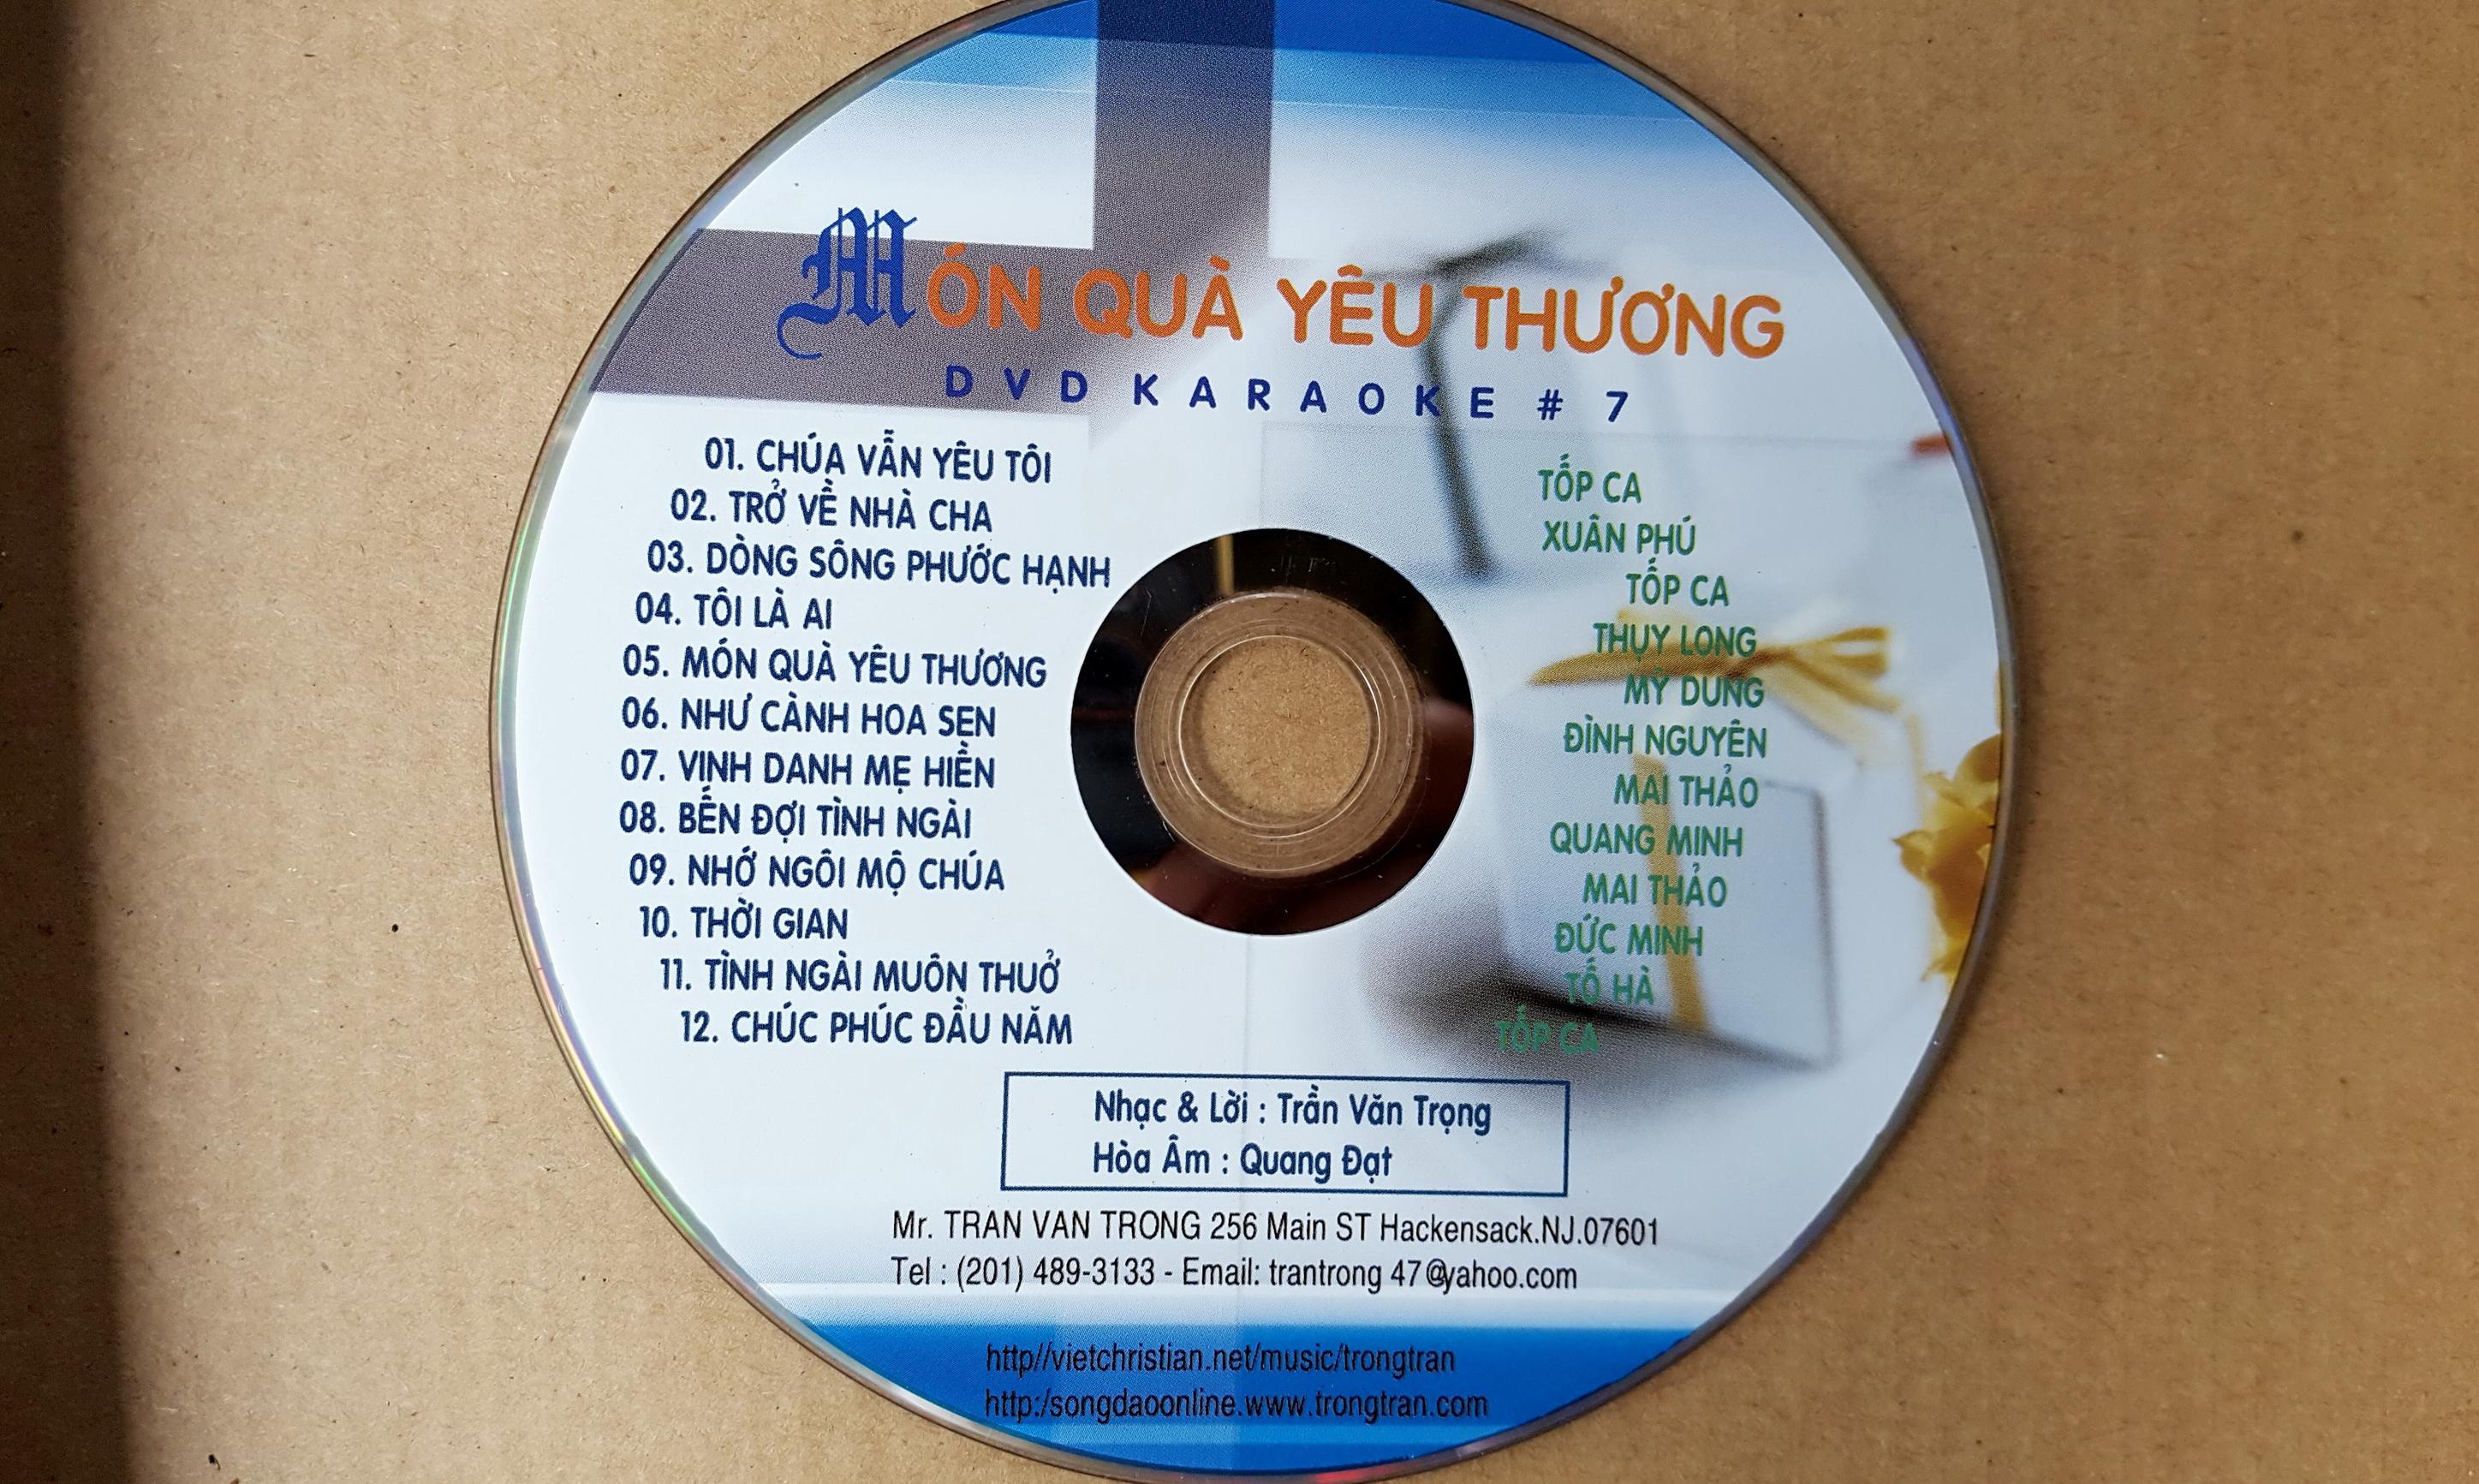 mon qua yeu thuong- DVD karaoke